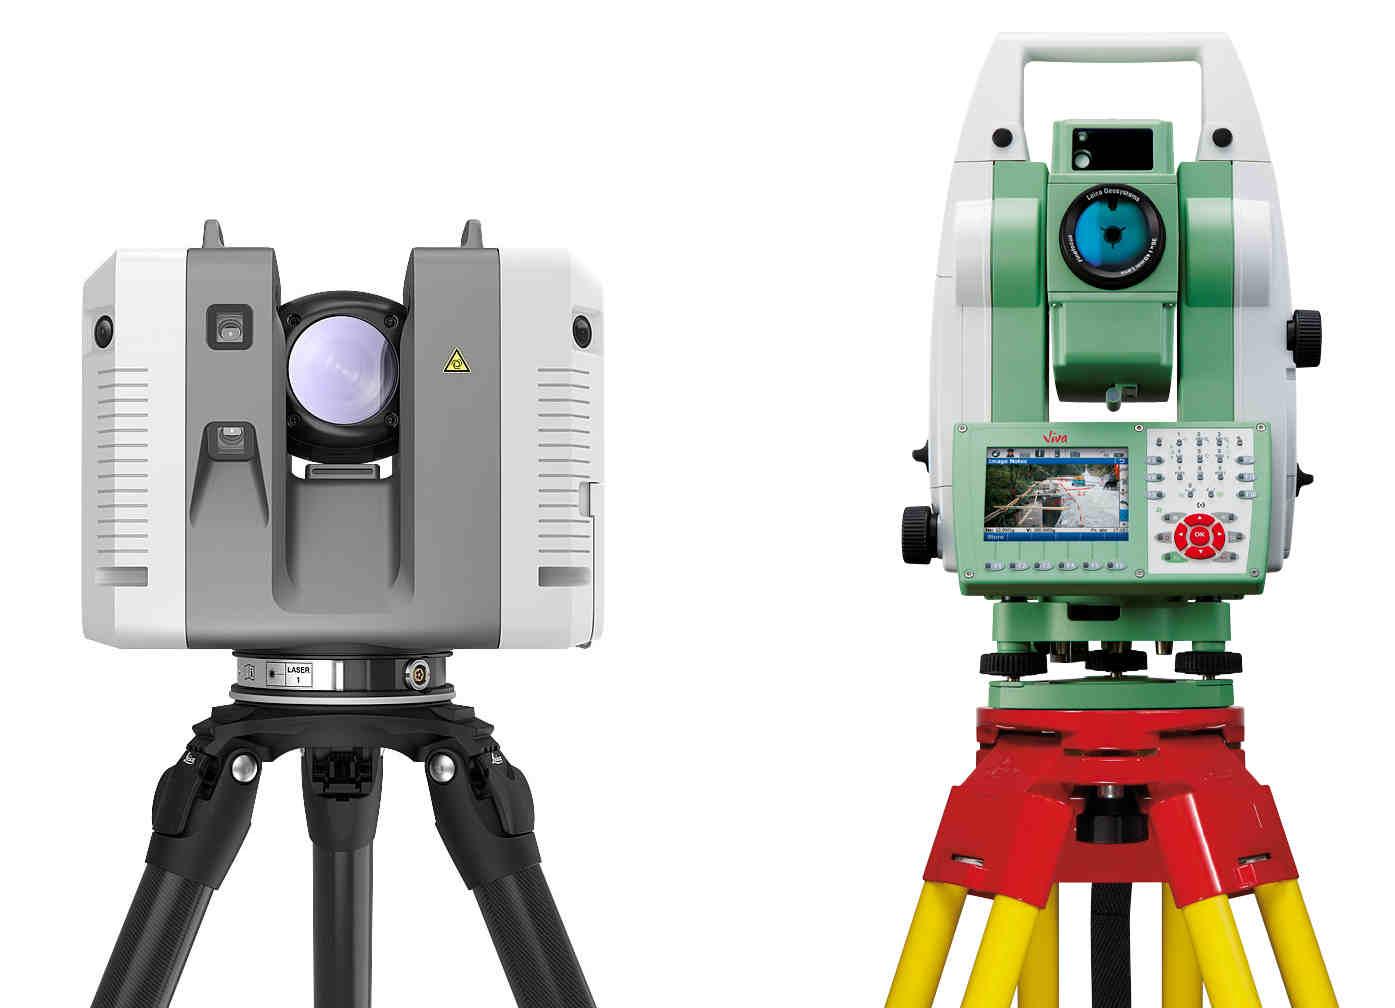 Comparaison entre une station totale (droite) et un scanner laser 3D (gauche, Leica RTC360)